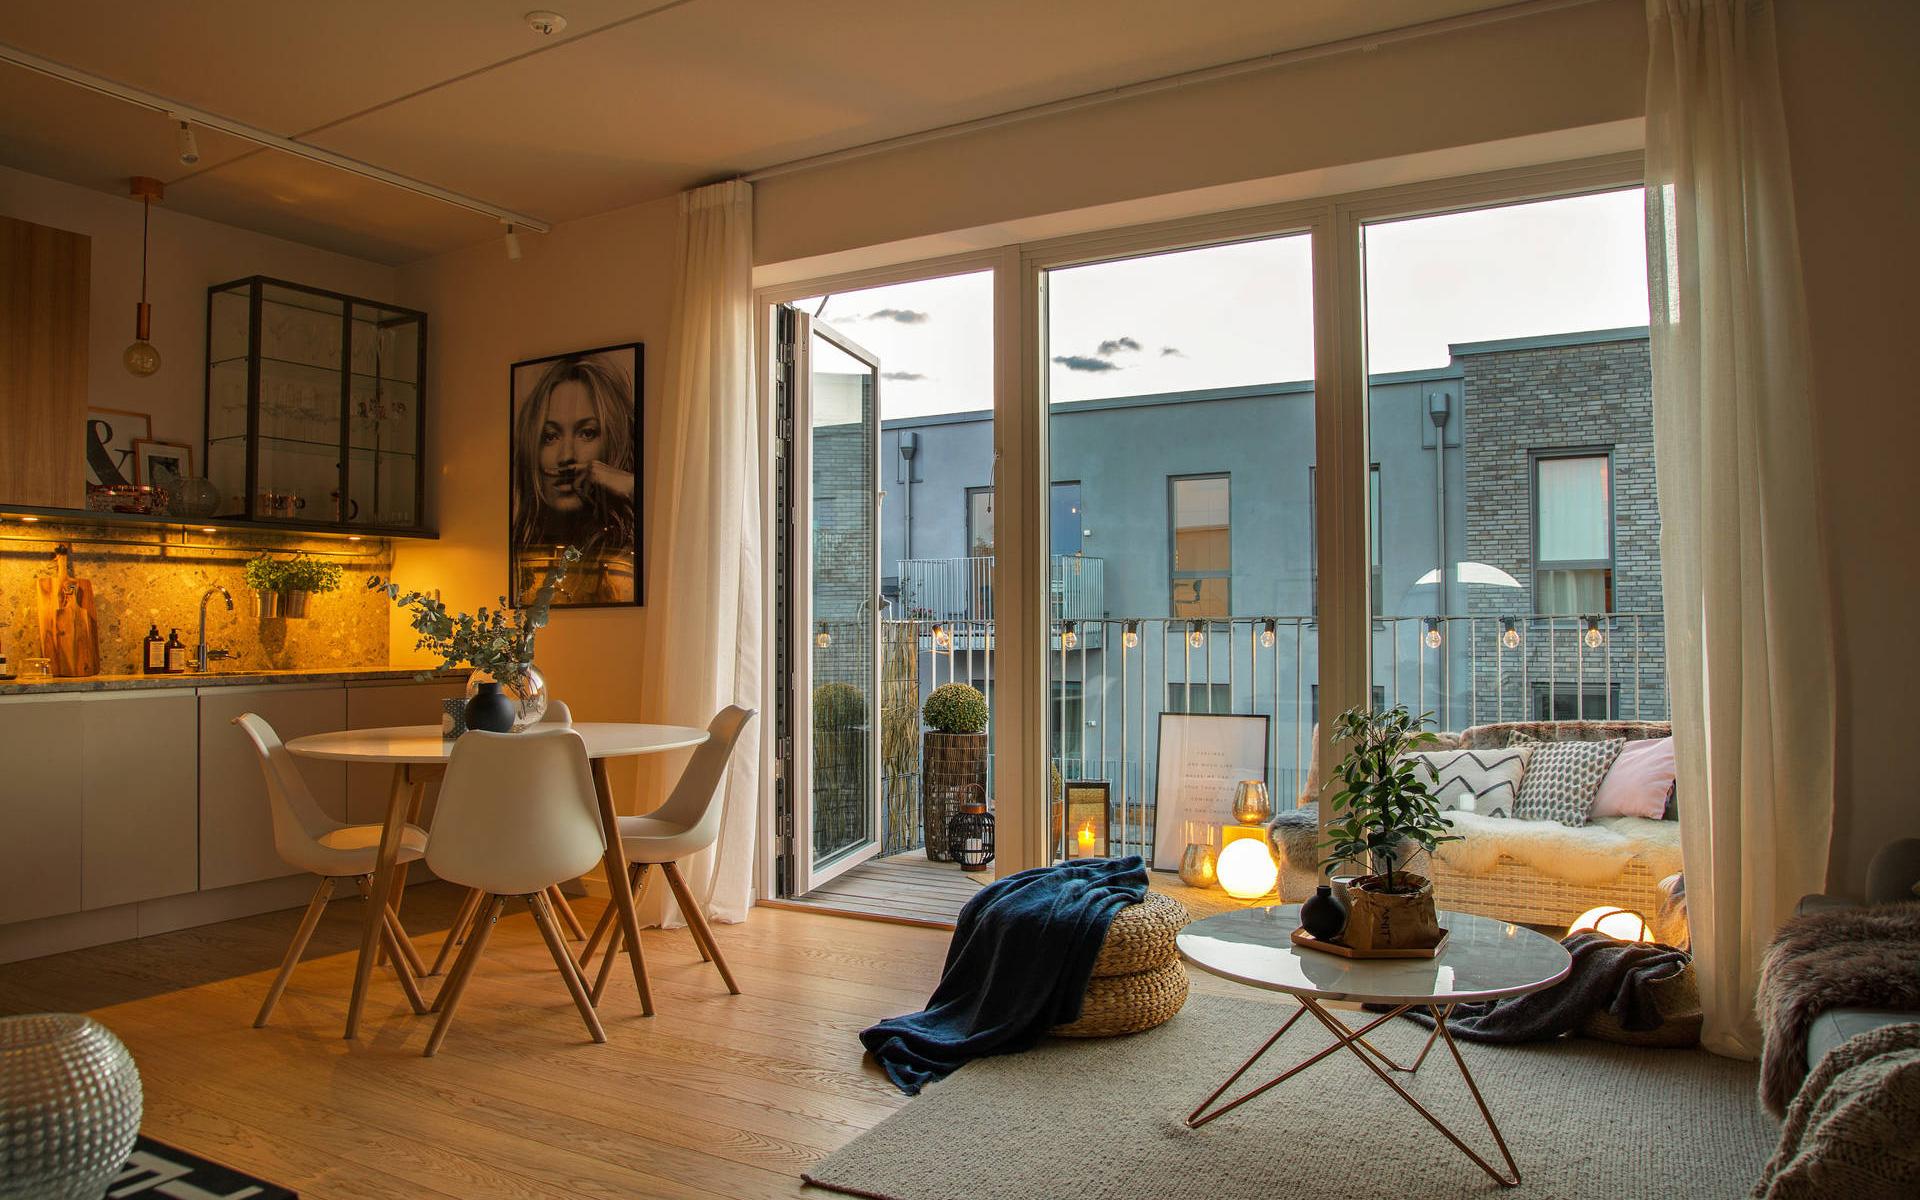 Căn hộ 43m² đẹp xuất sắc từ trong nhà ra đến ban công khiến người xem không khỏi trầm trồ